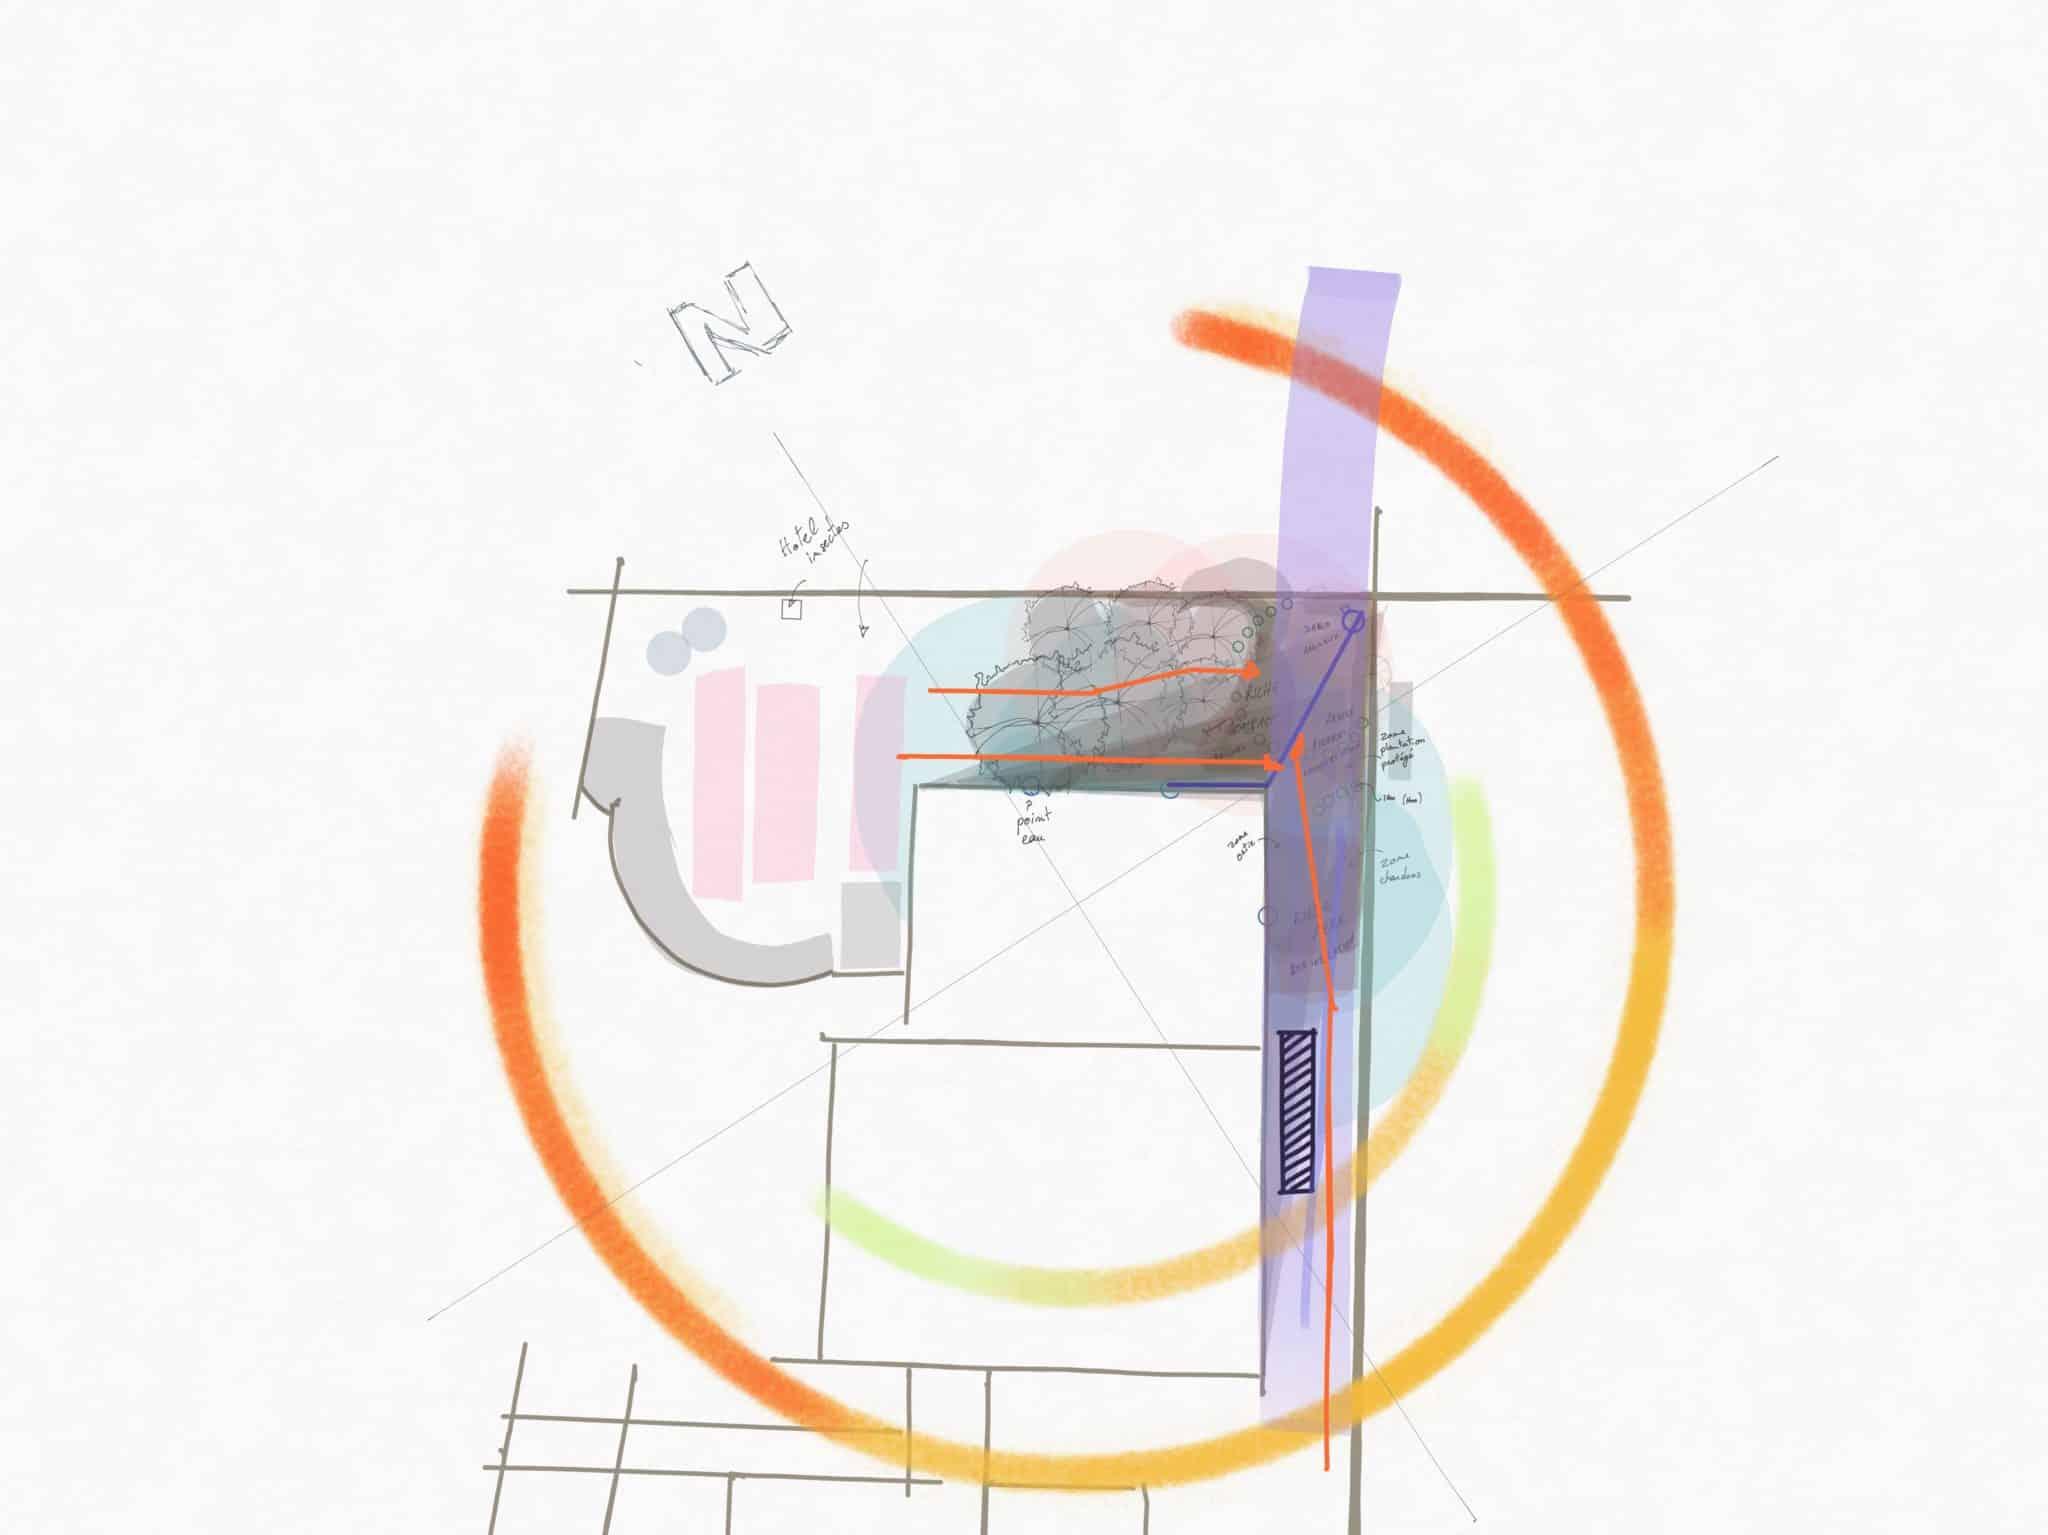 etudes du terrain 3 choix de gestion conseil de plaisir vert. Black Bedroom Furniture Sets. Home Design Ideas